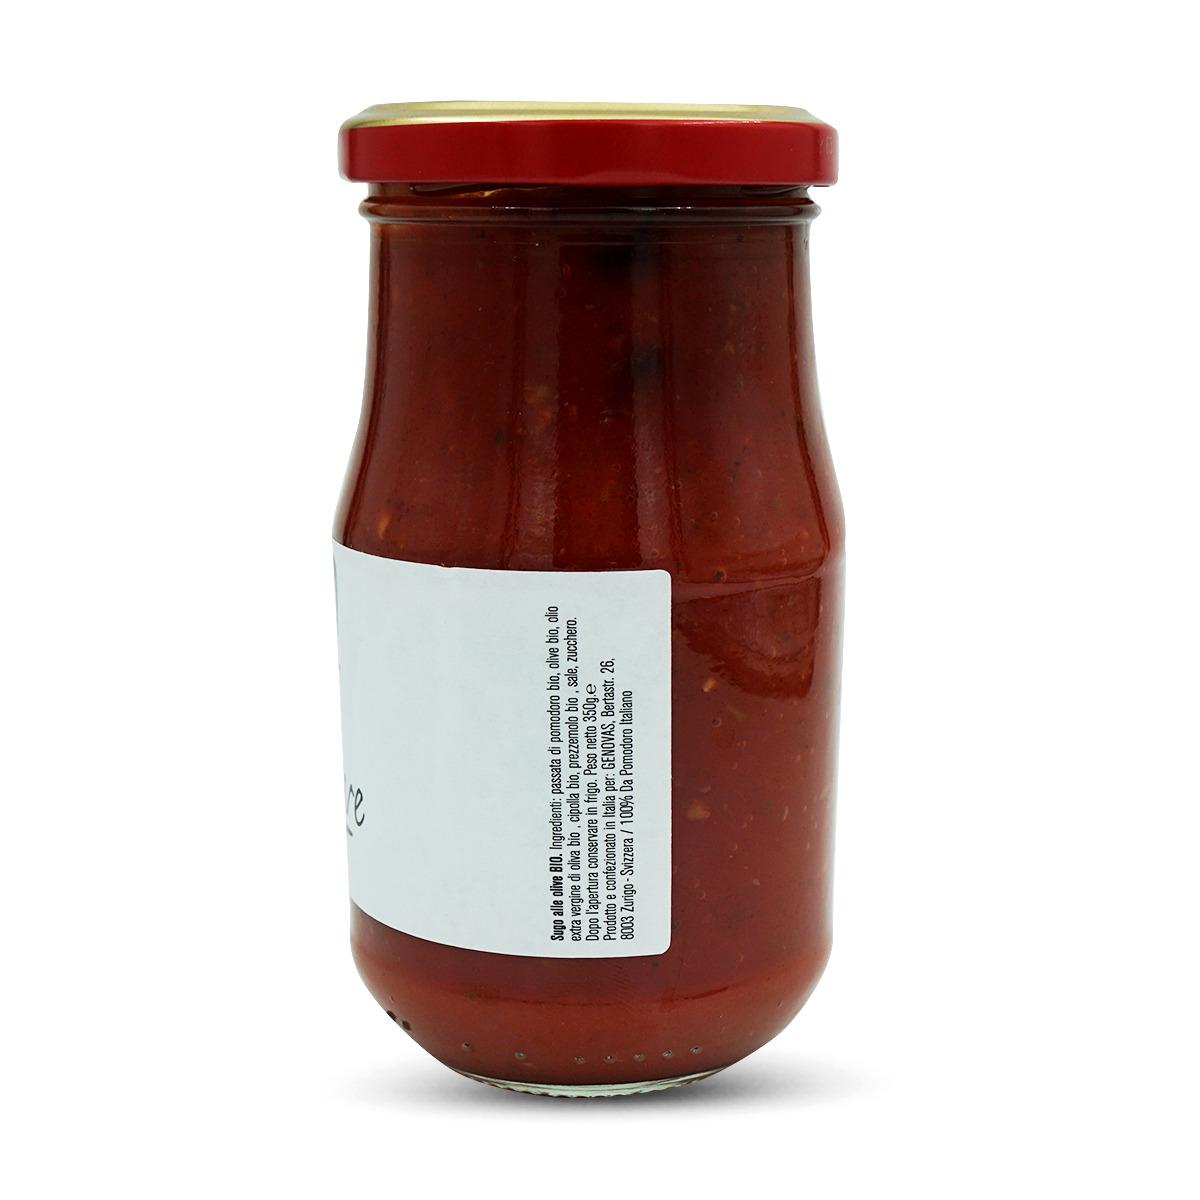 Genovas Sugo Pronto Olive